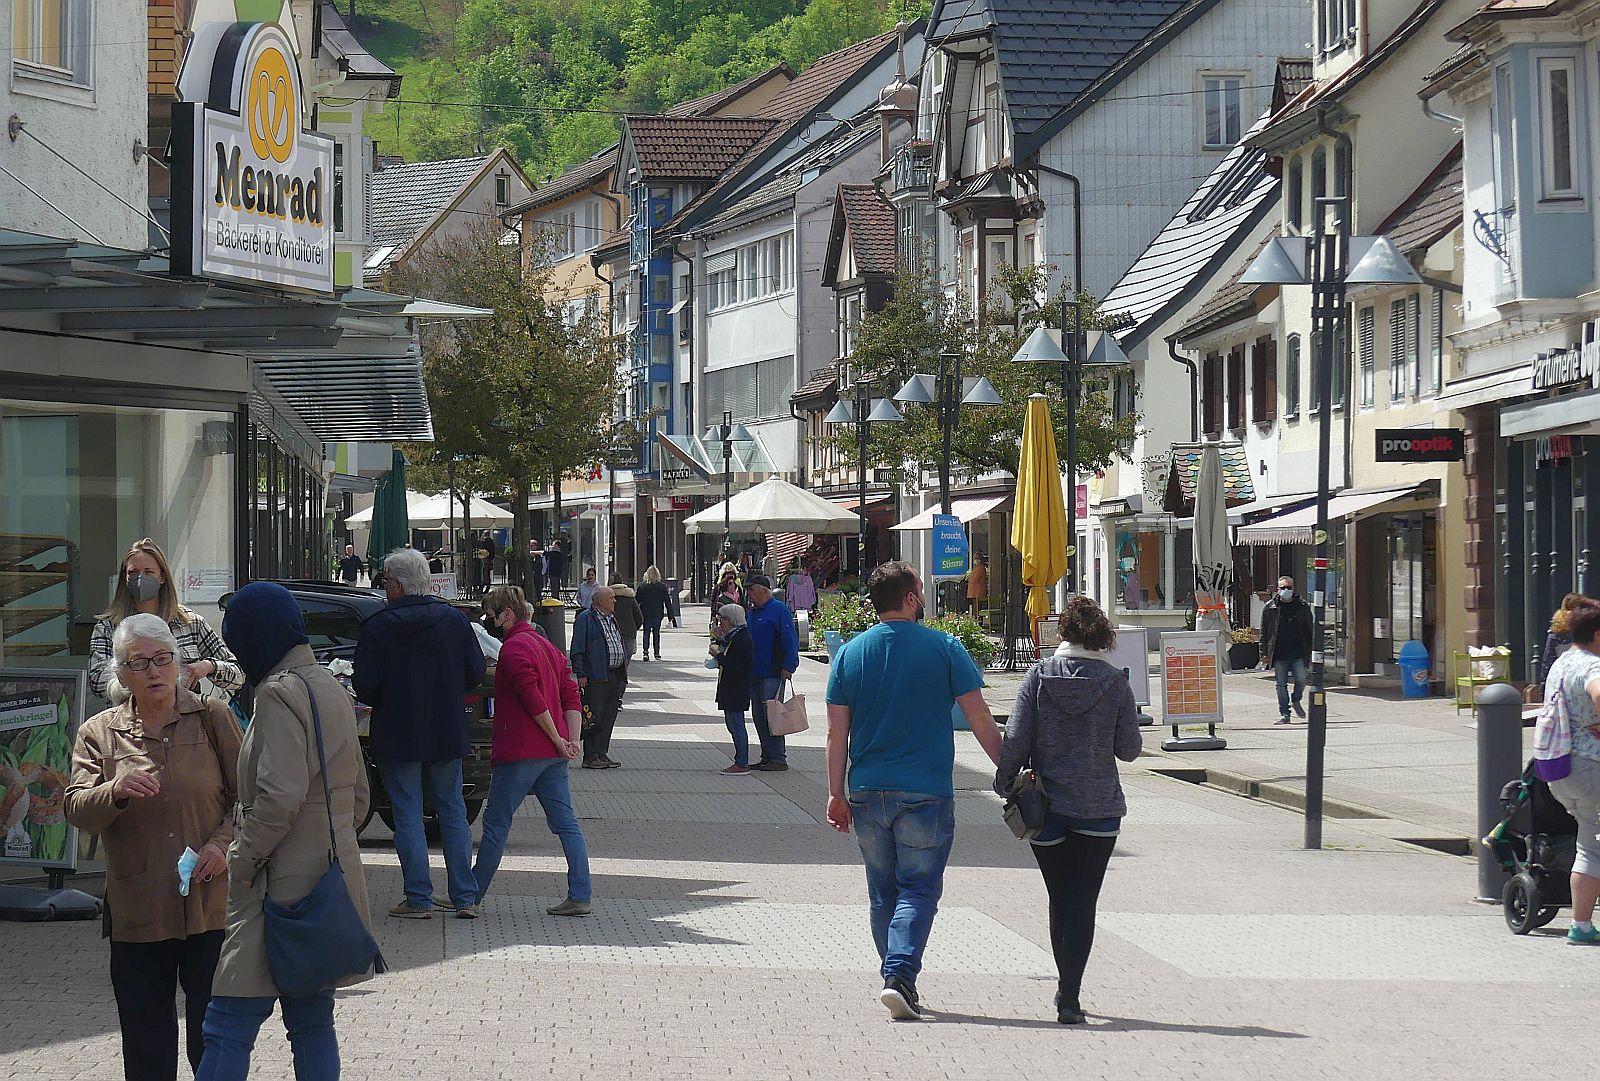 Neben dem besseren Wetter und den Lockerungen bei Coronamaßnahmen soll auch eine Gewinnspielaktion  wieder mehr Kunden in die Stadt locken. Foto: him